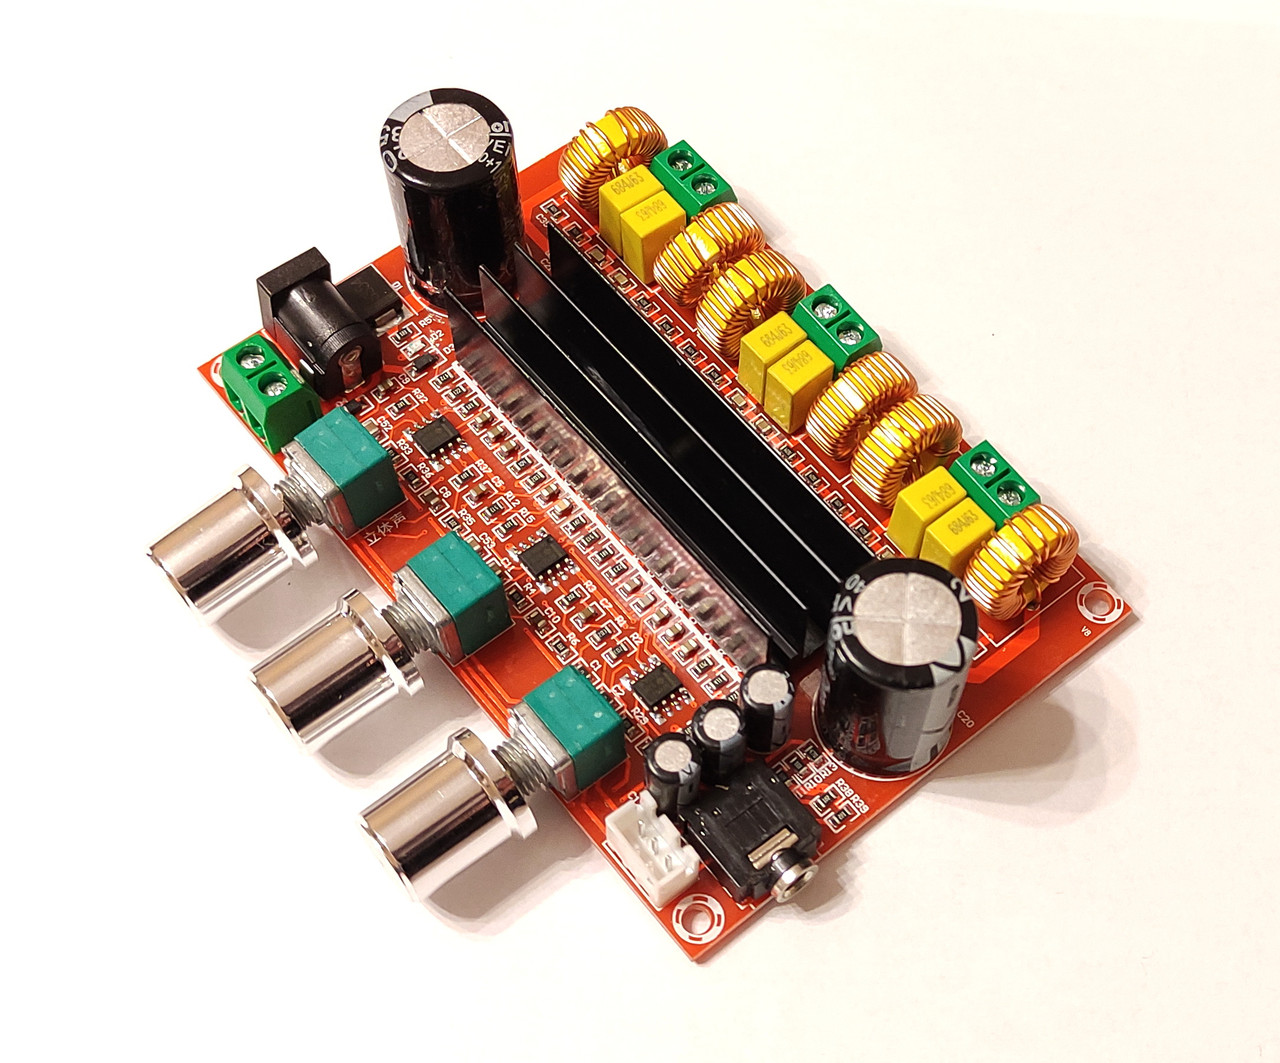 Аудио усилитель мощности XH-M139 SMD - TPA3116D2 50Вт*2+100Вт 2.1 DC 8-24В